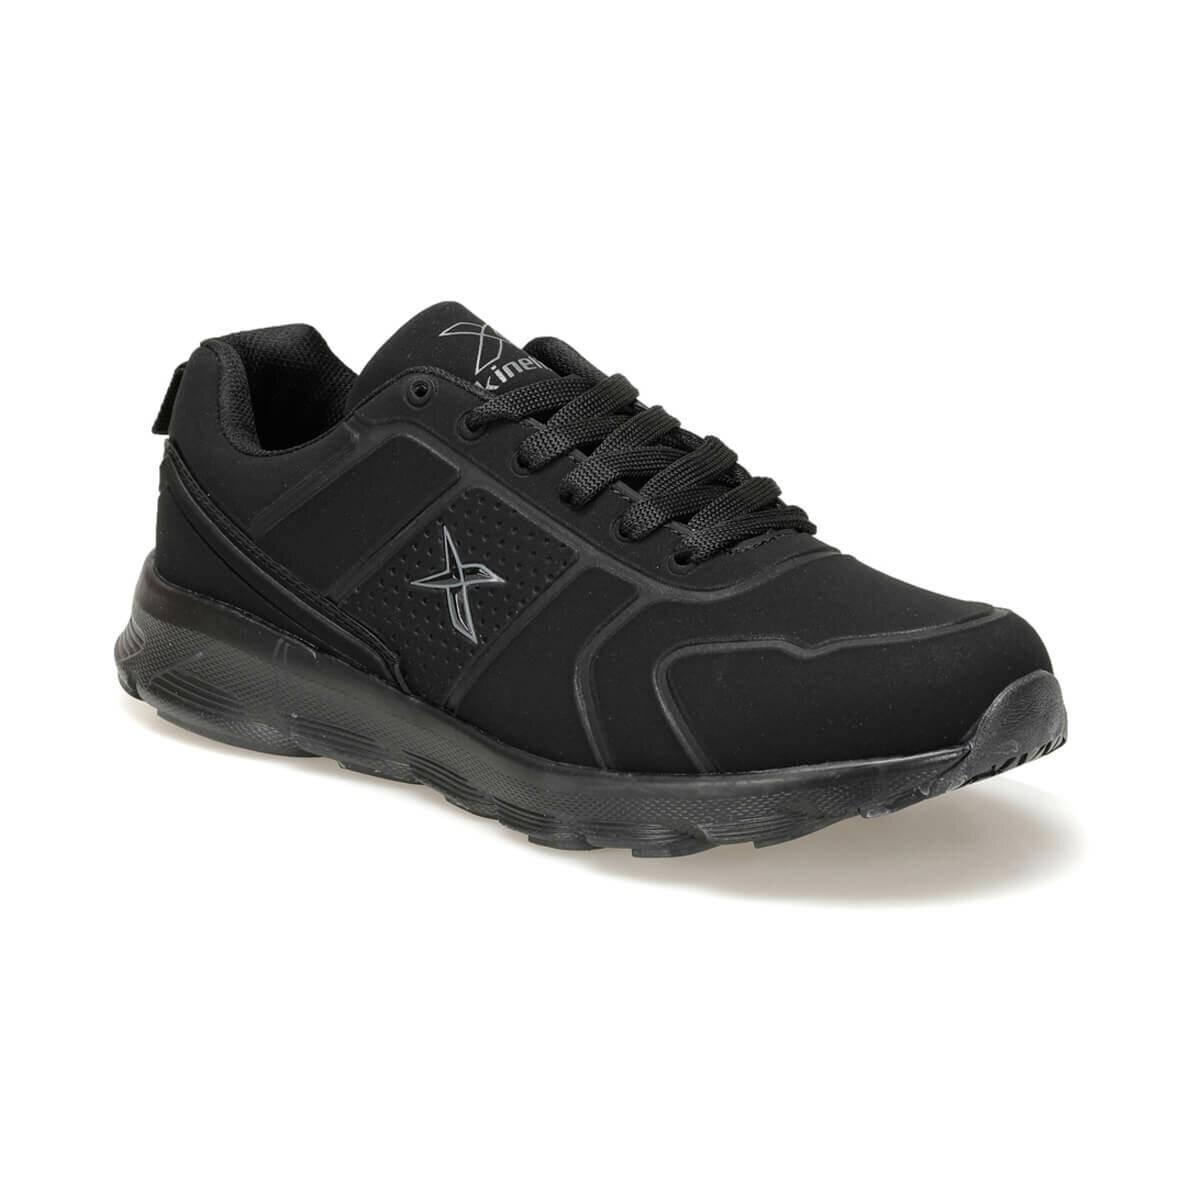 FLO ALMERA II 9PR Black Men 'S Sneaker Shoes KINETIX